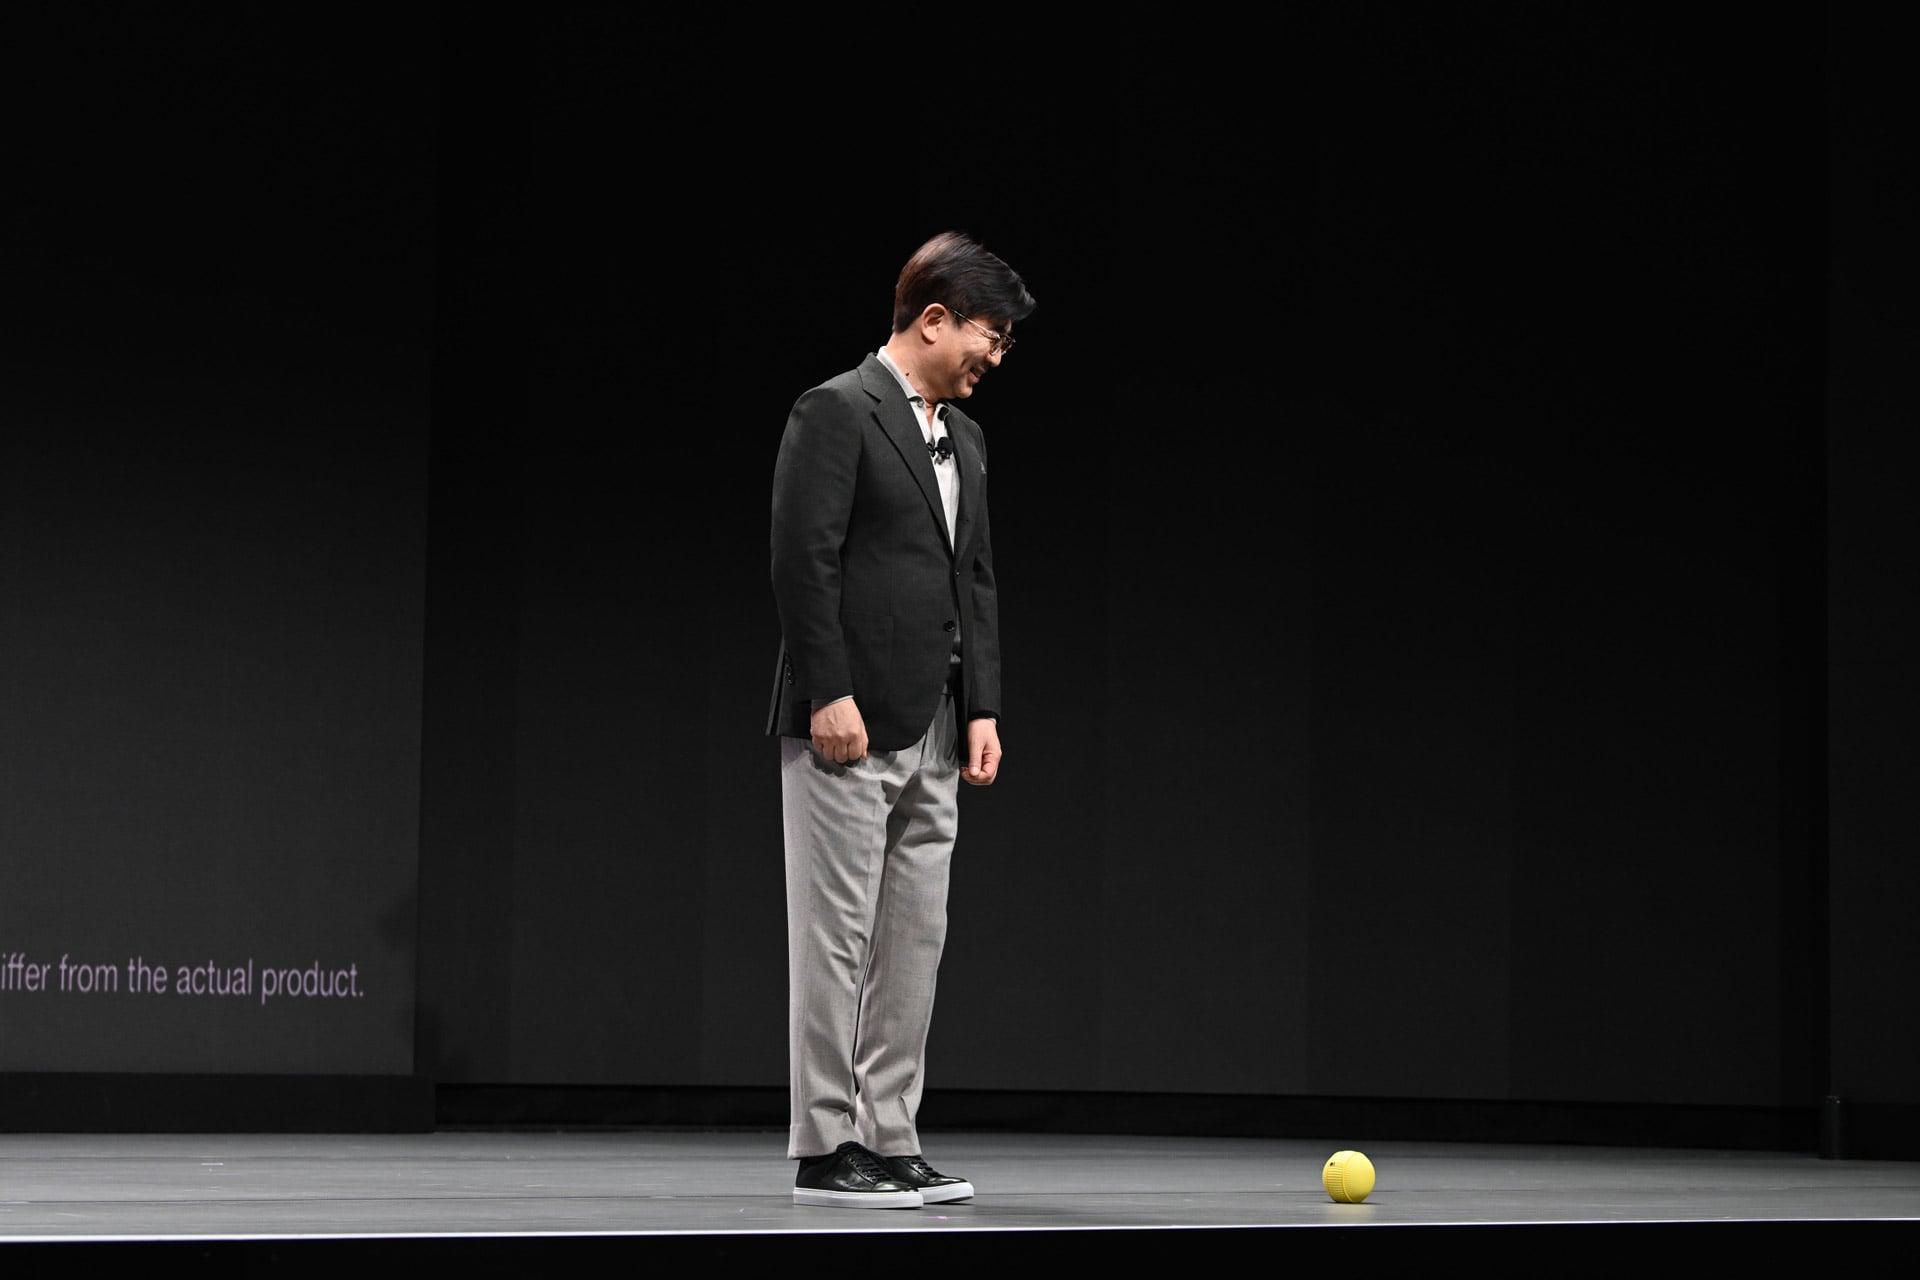 H.S. Kim und Ballie auf der Bühne / Bild: Samsung, Hack4Life, Fabian Geissler,